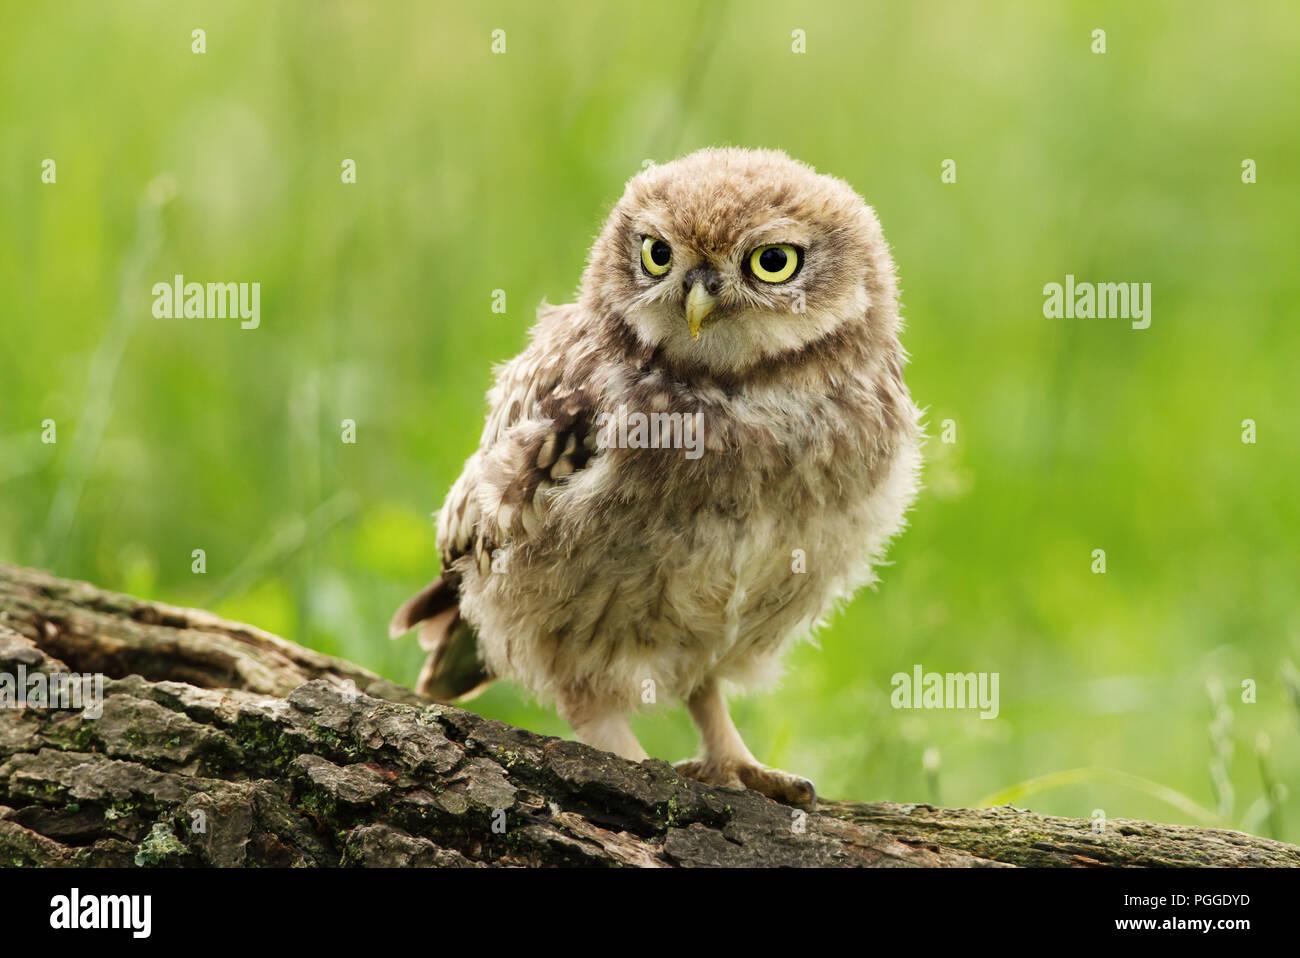 Nahaufnahme eines Jugendlichen kleine Eule hocken auf einem Baum vor grünem Hintergrund anmelden, UK. Stockbild